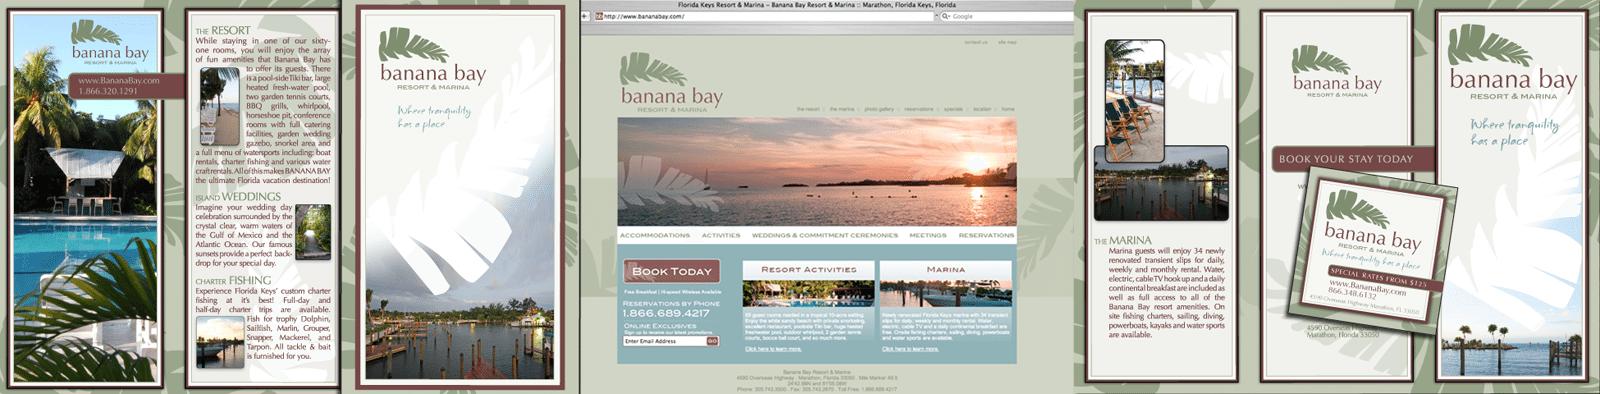 Hotel Marketing Agency - Hotel Marketing Campaign Creative for Banana Bay